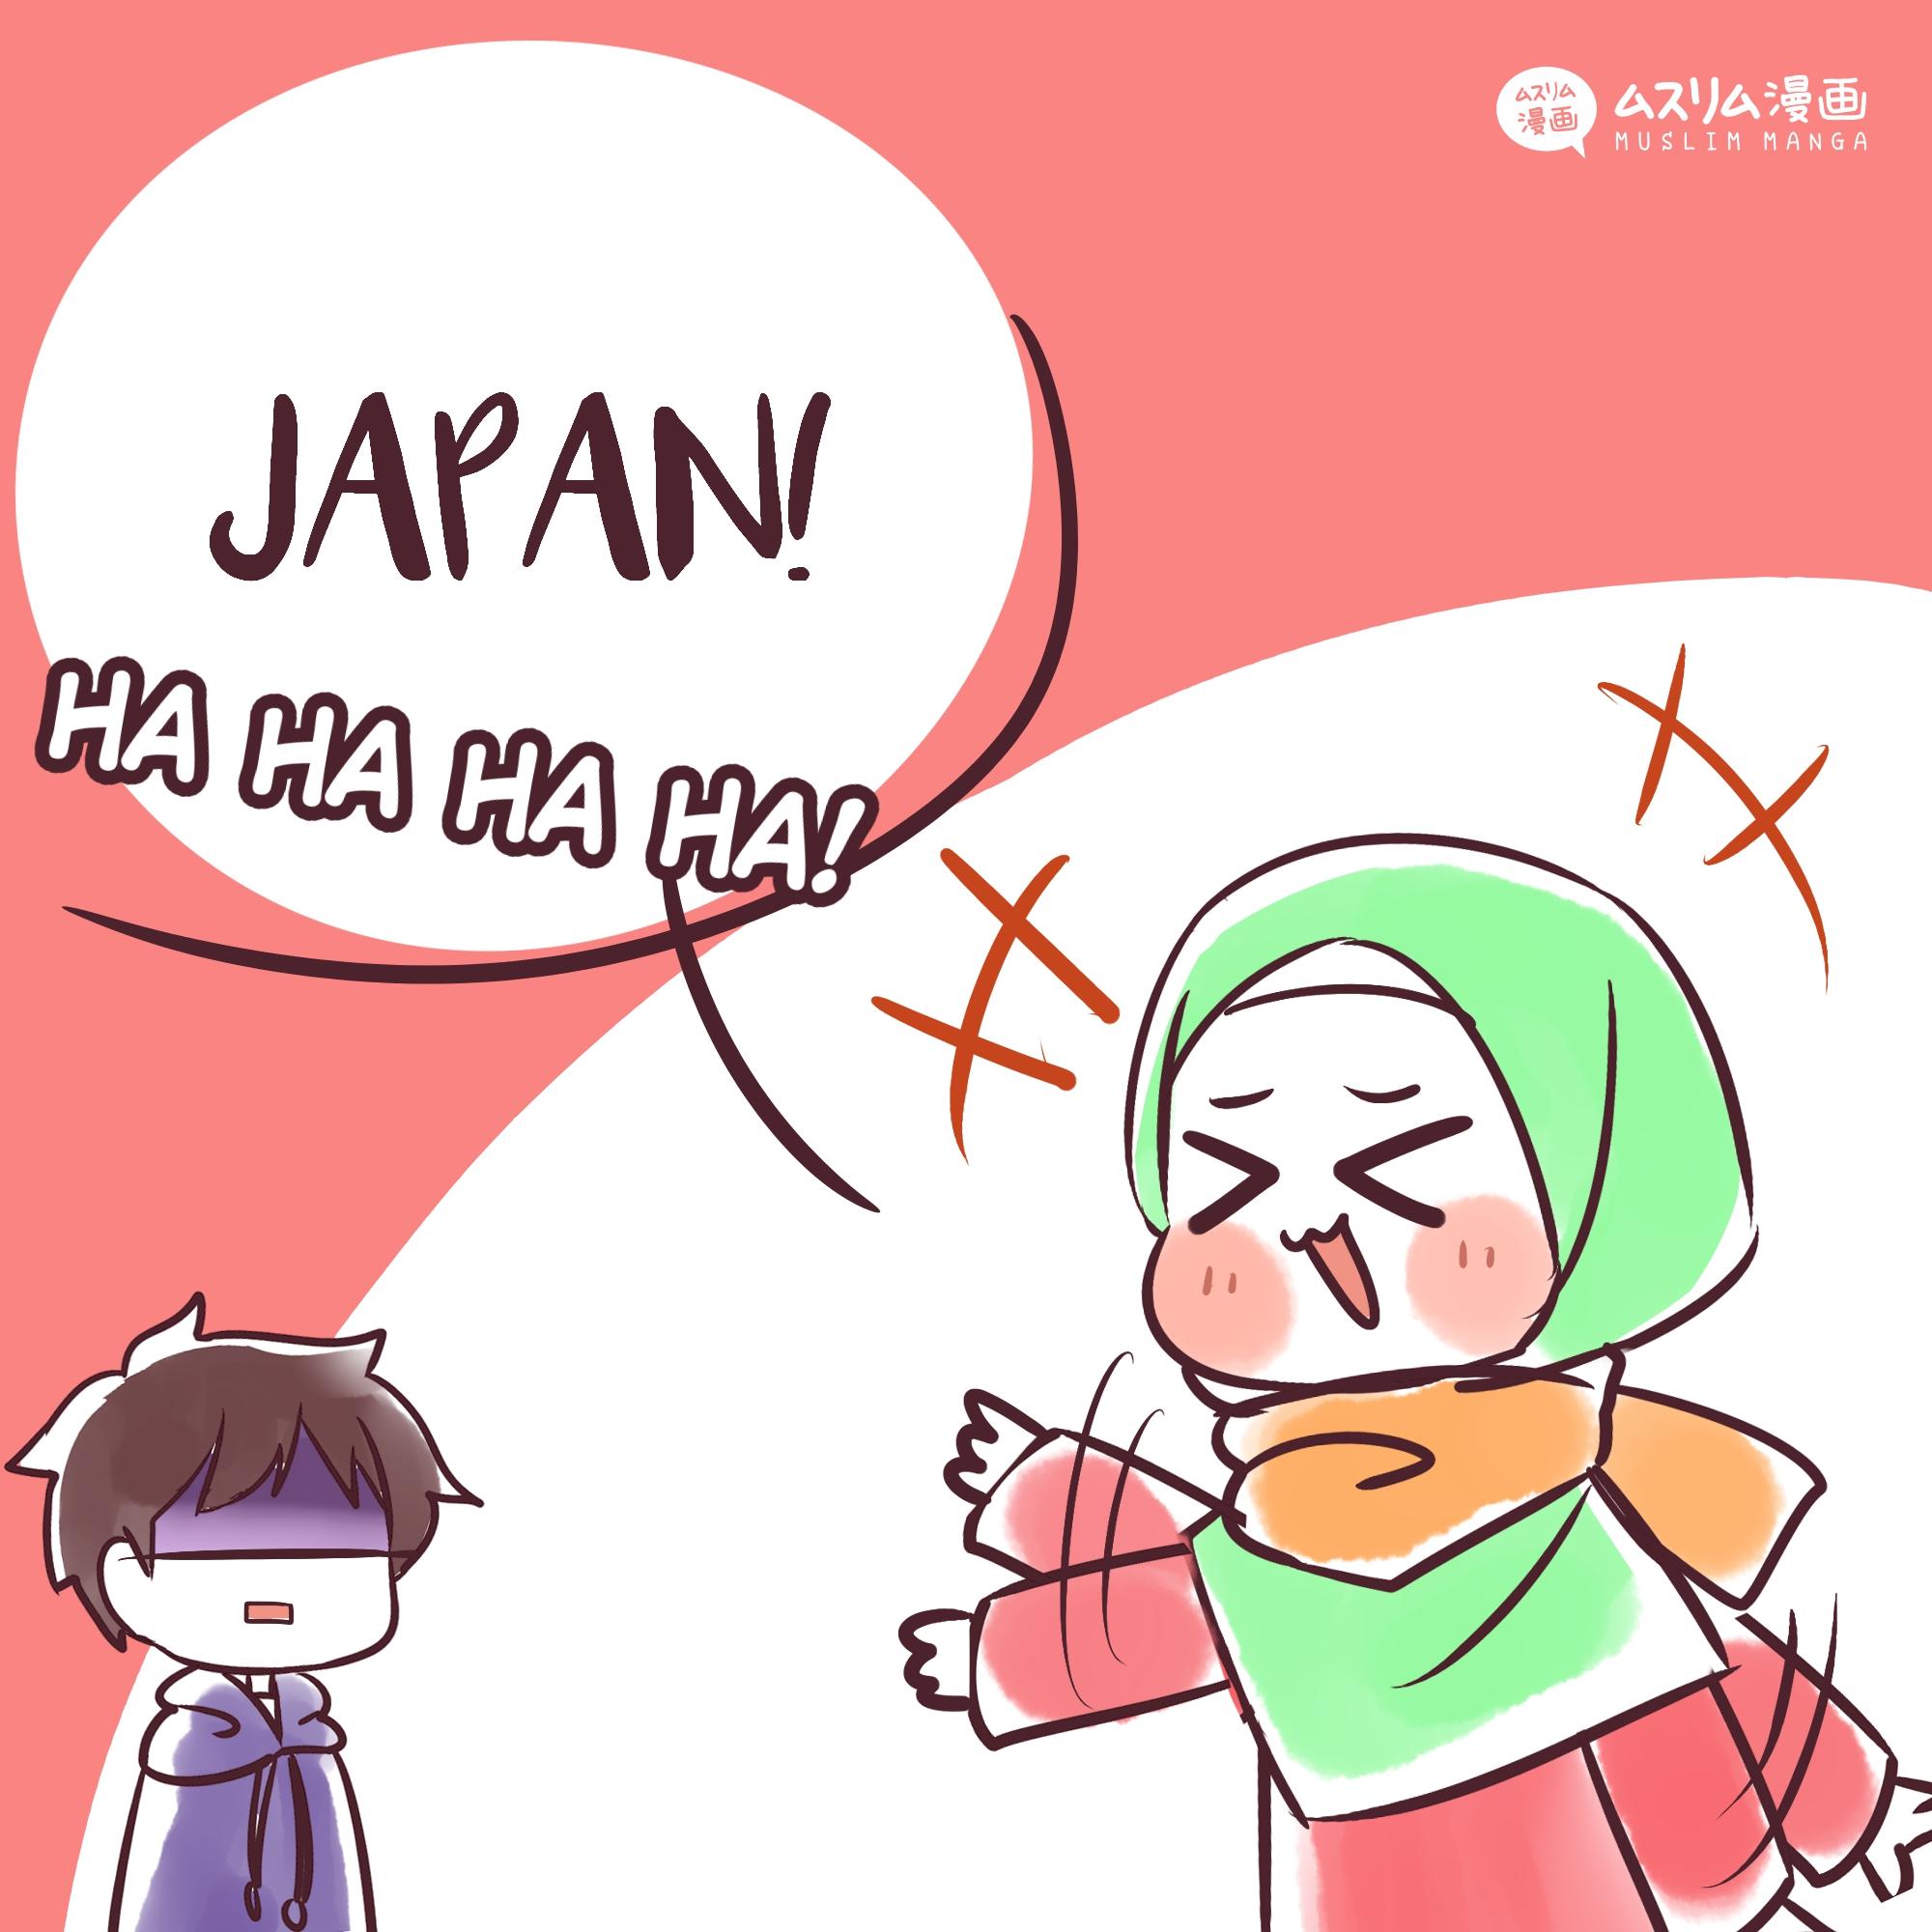 japan pun 2